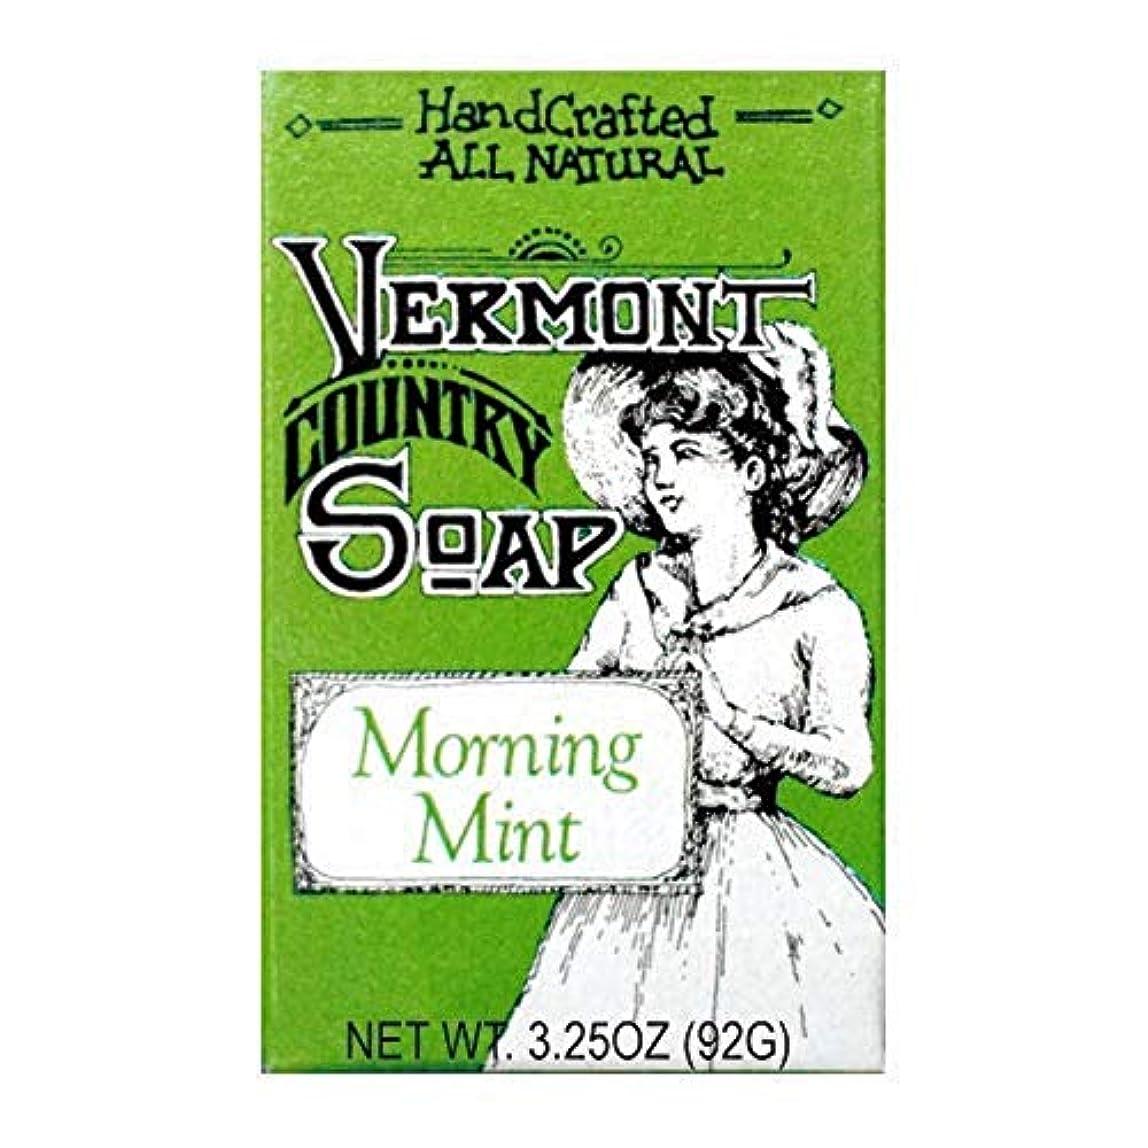 人気の胚すりバーモントカントリーソープ (モーニングミント) オーガニック石鹸 洗顔 92g